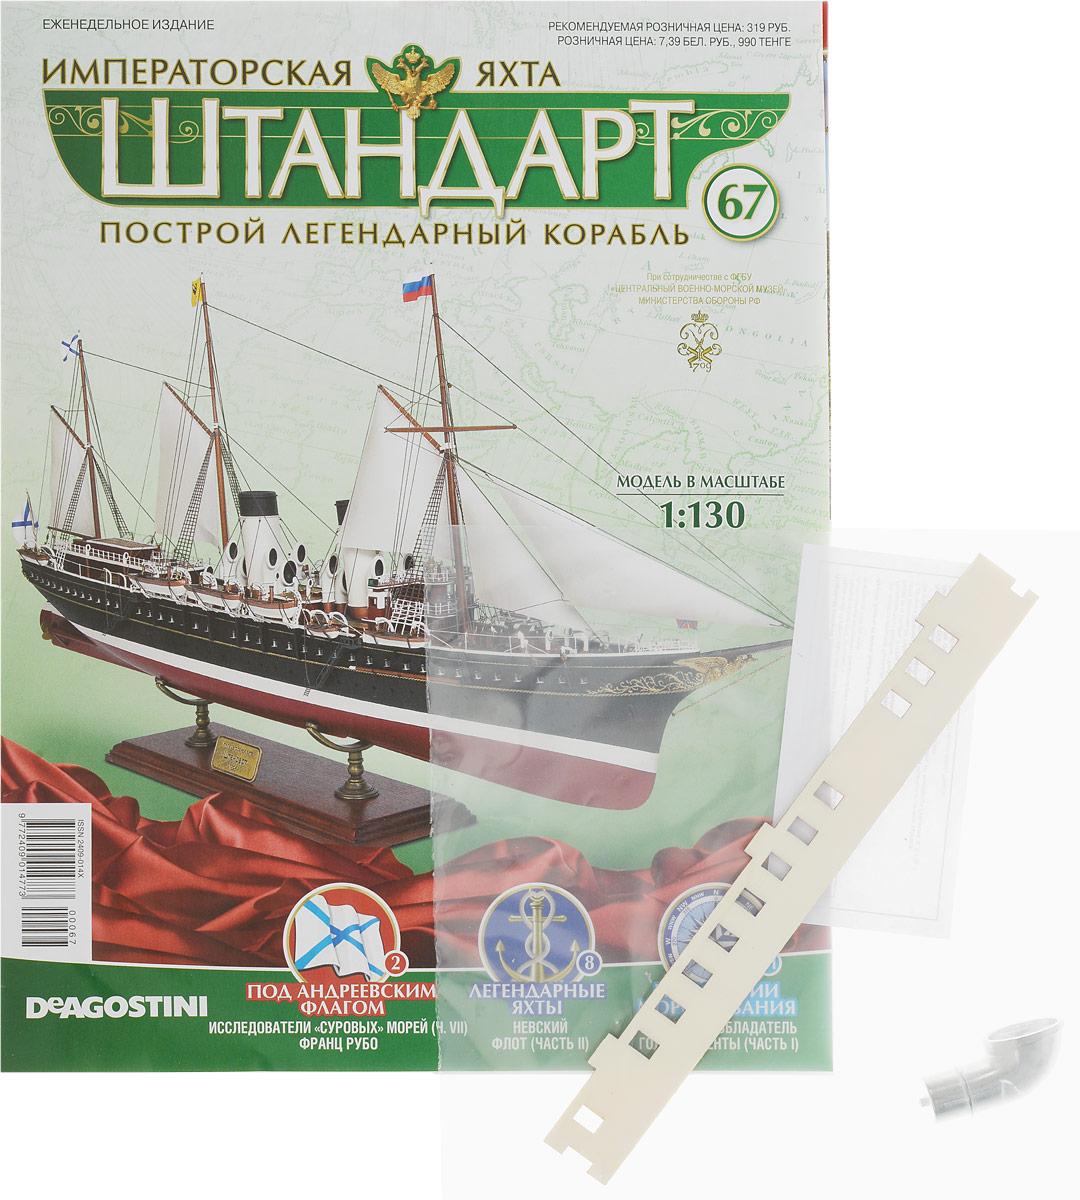 """Журнал """"Императорская яхта""""ШТАНДАРТ"""" №67,"""